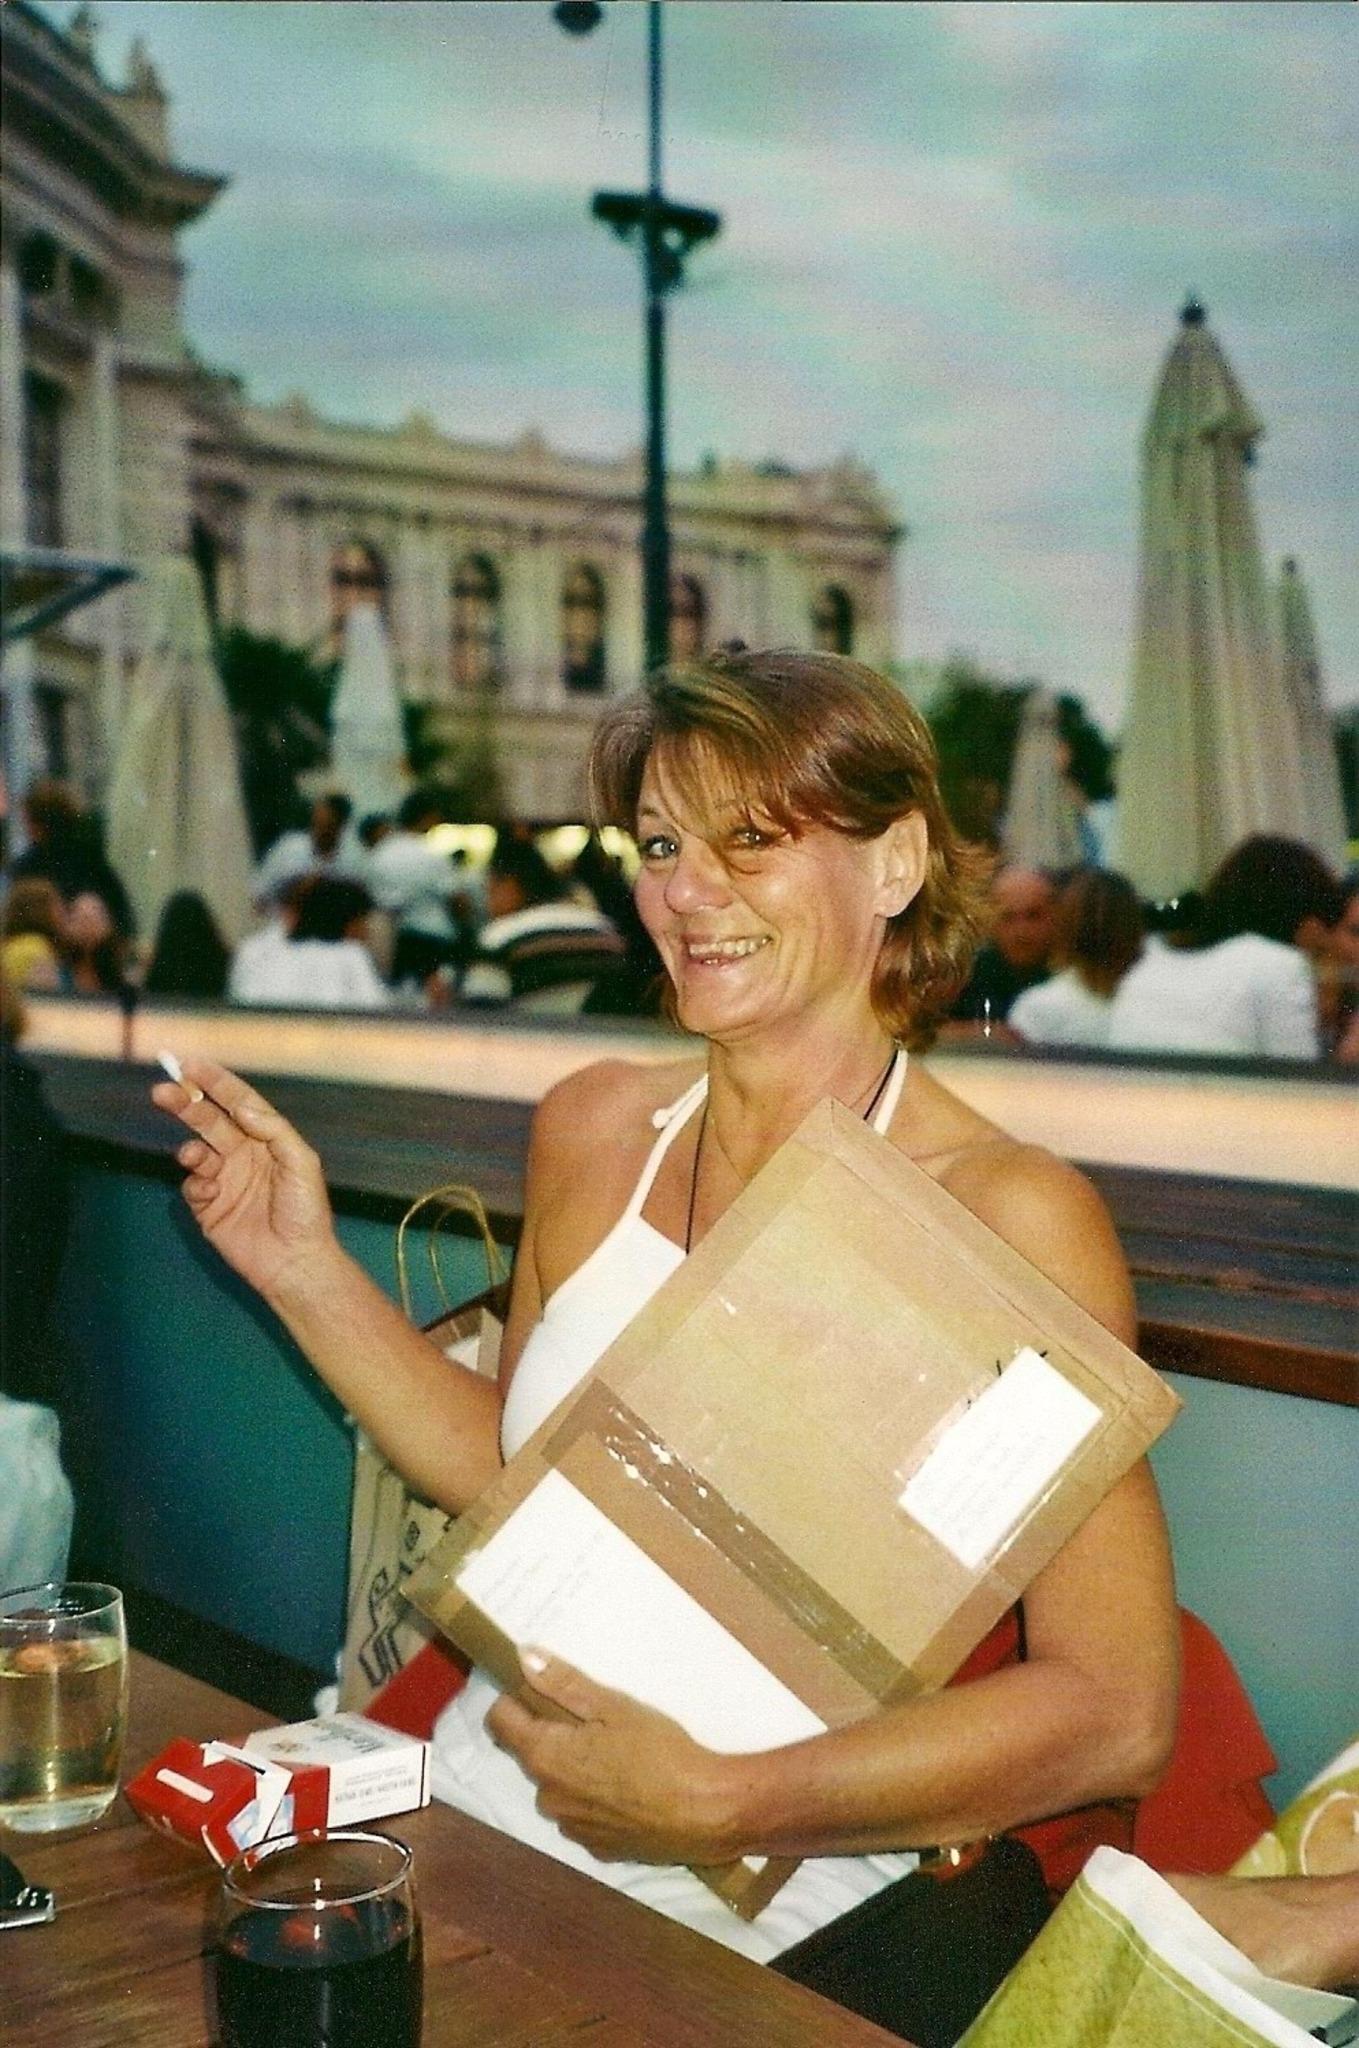 Job dating statt blind dating - Bruck an der Mur - intertecinc.com